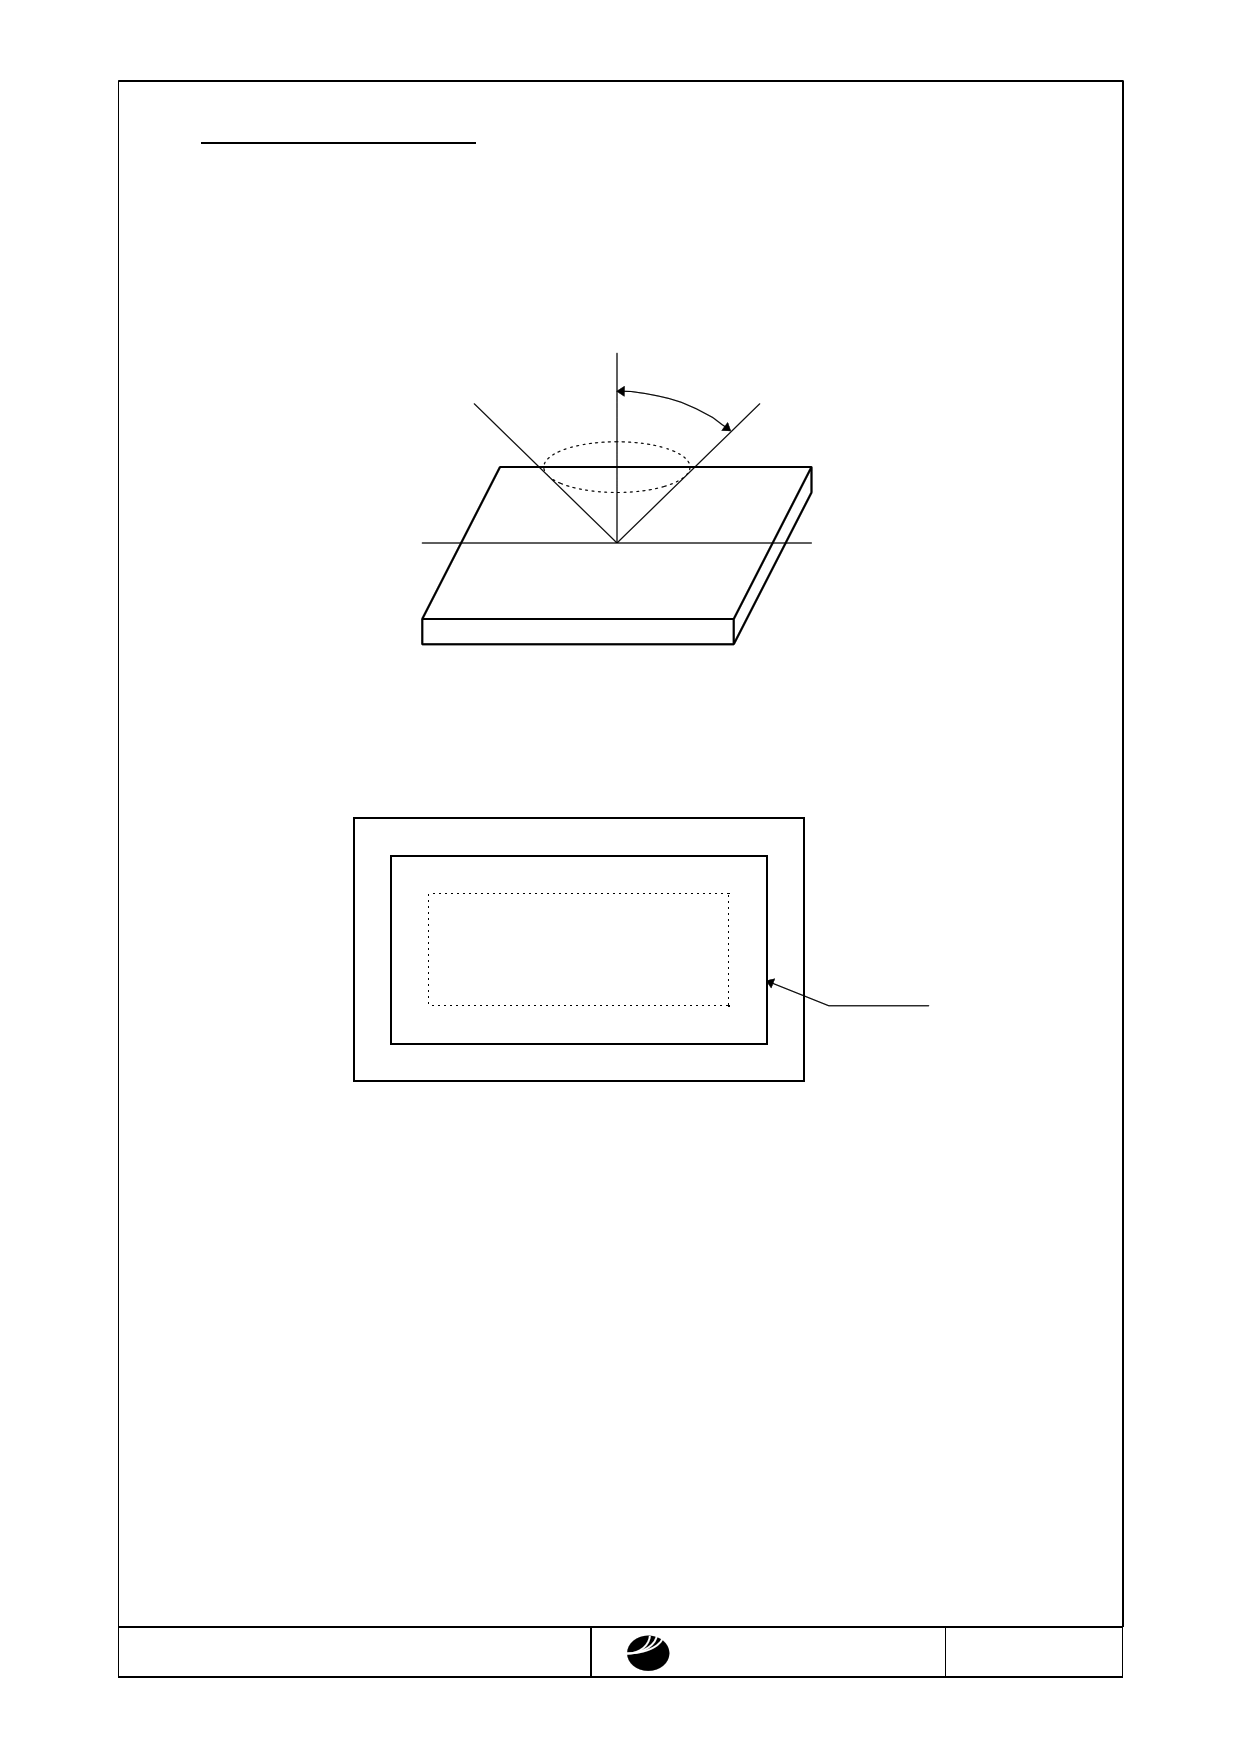 DMC16128NY-LY arduino